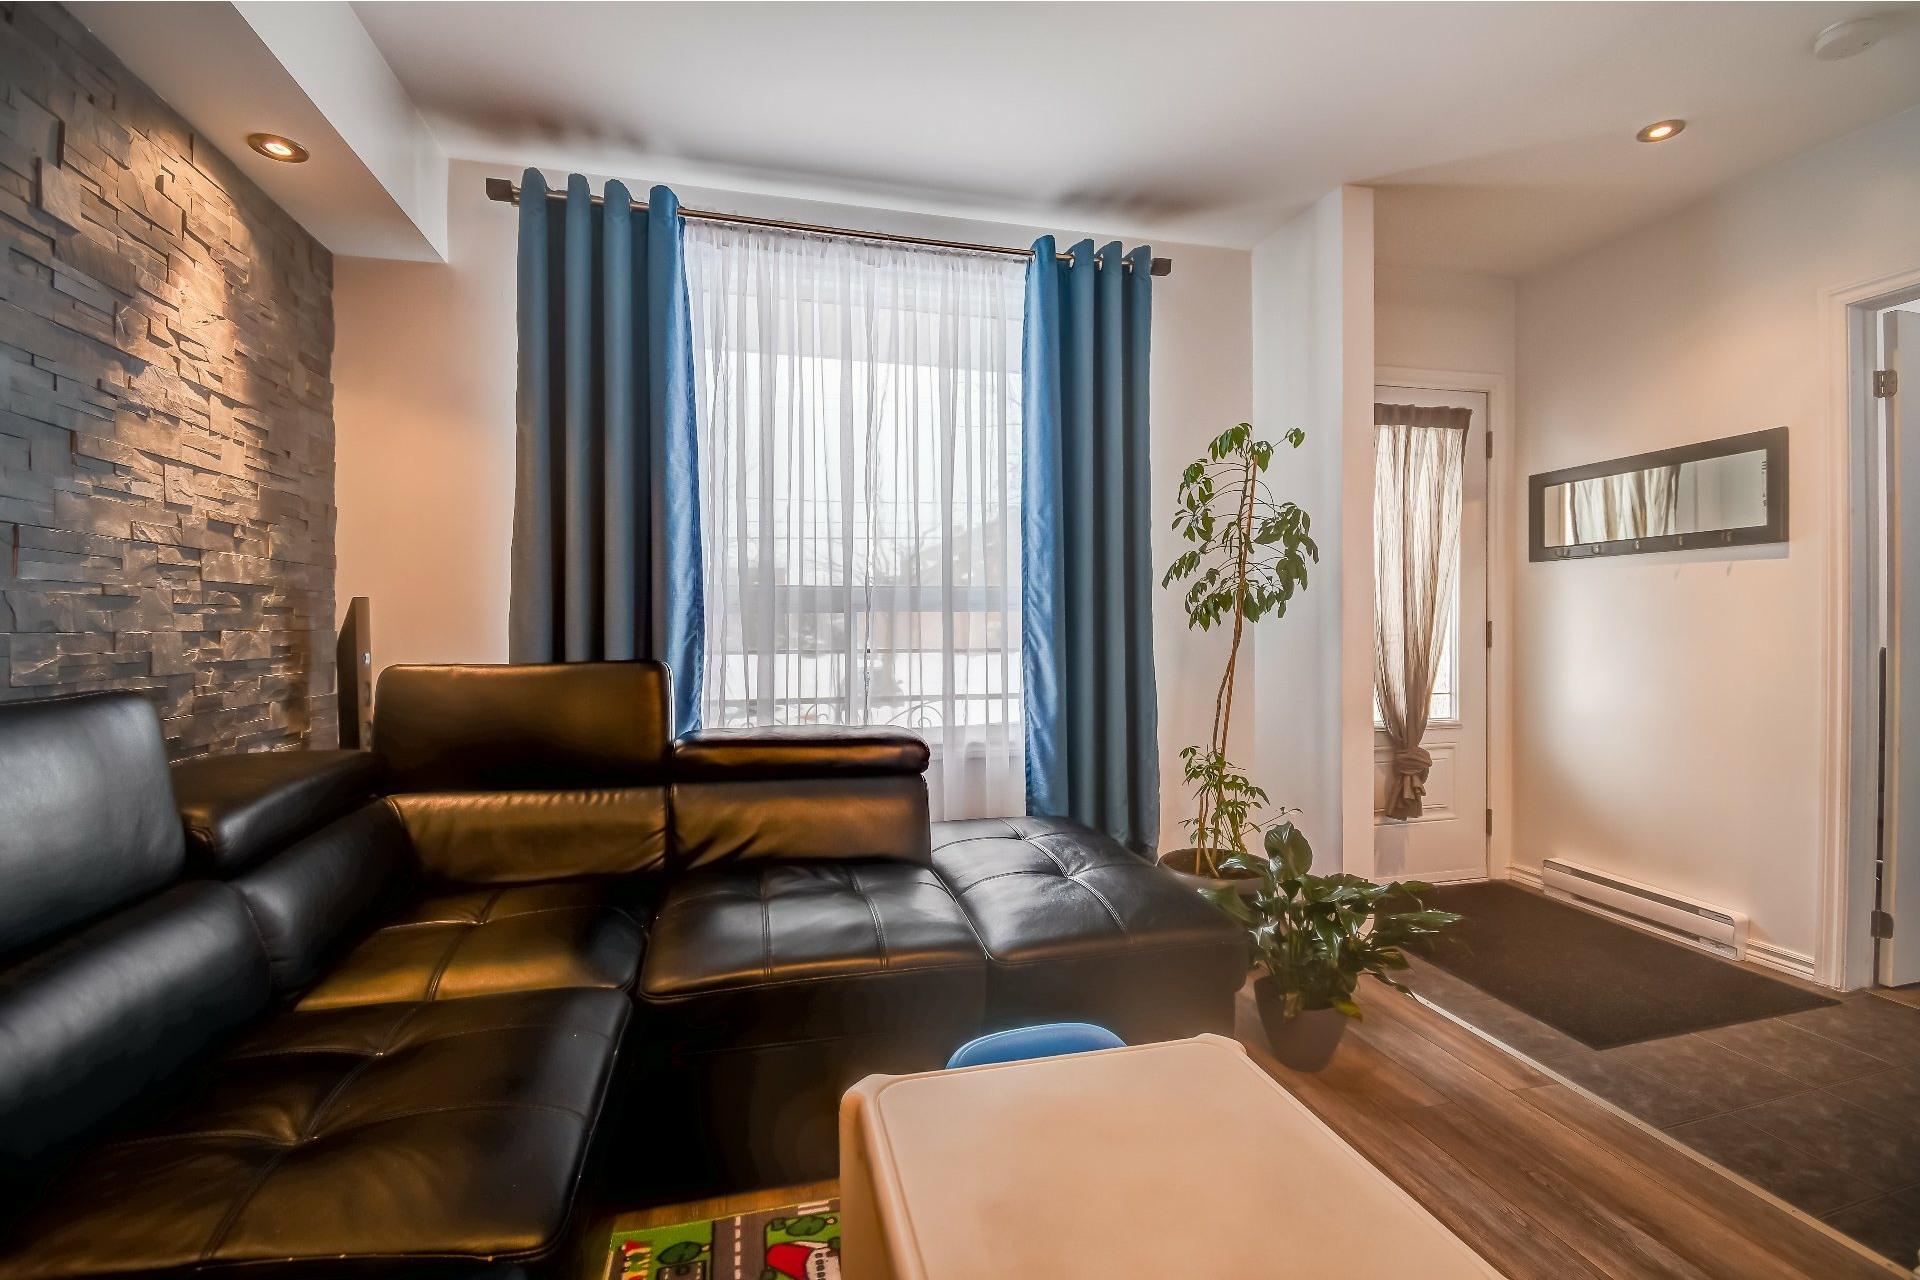 image 6 - Duplex À vendre Trois-Rivières - 3 pièces